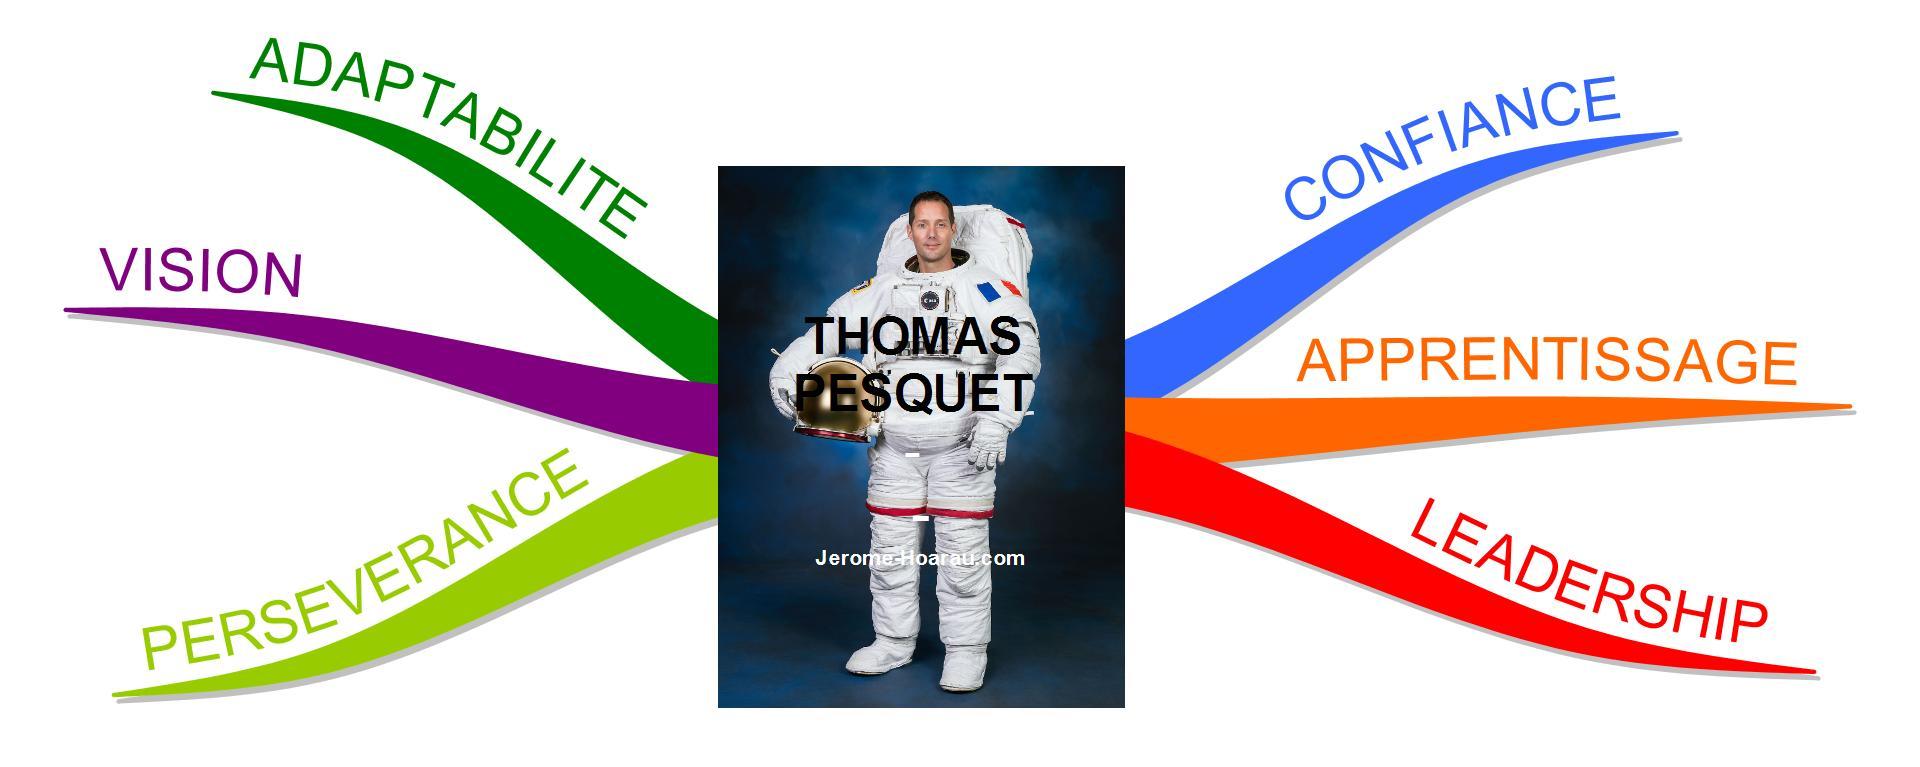 THOMAS PESQUET Jerome Hoarau com